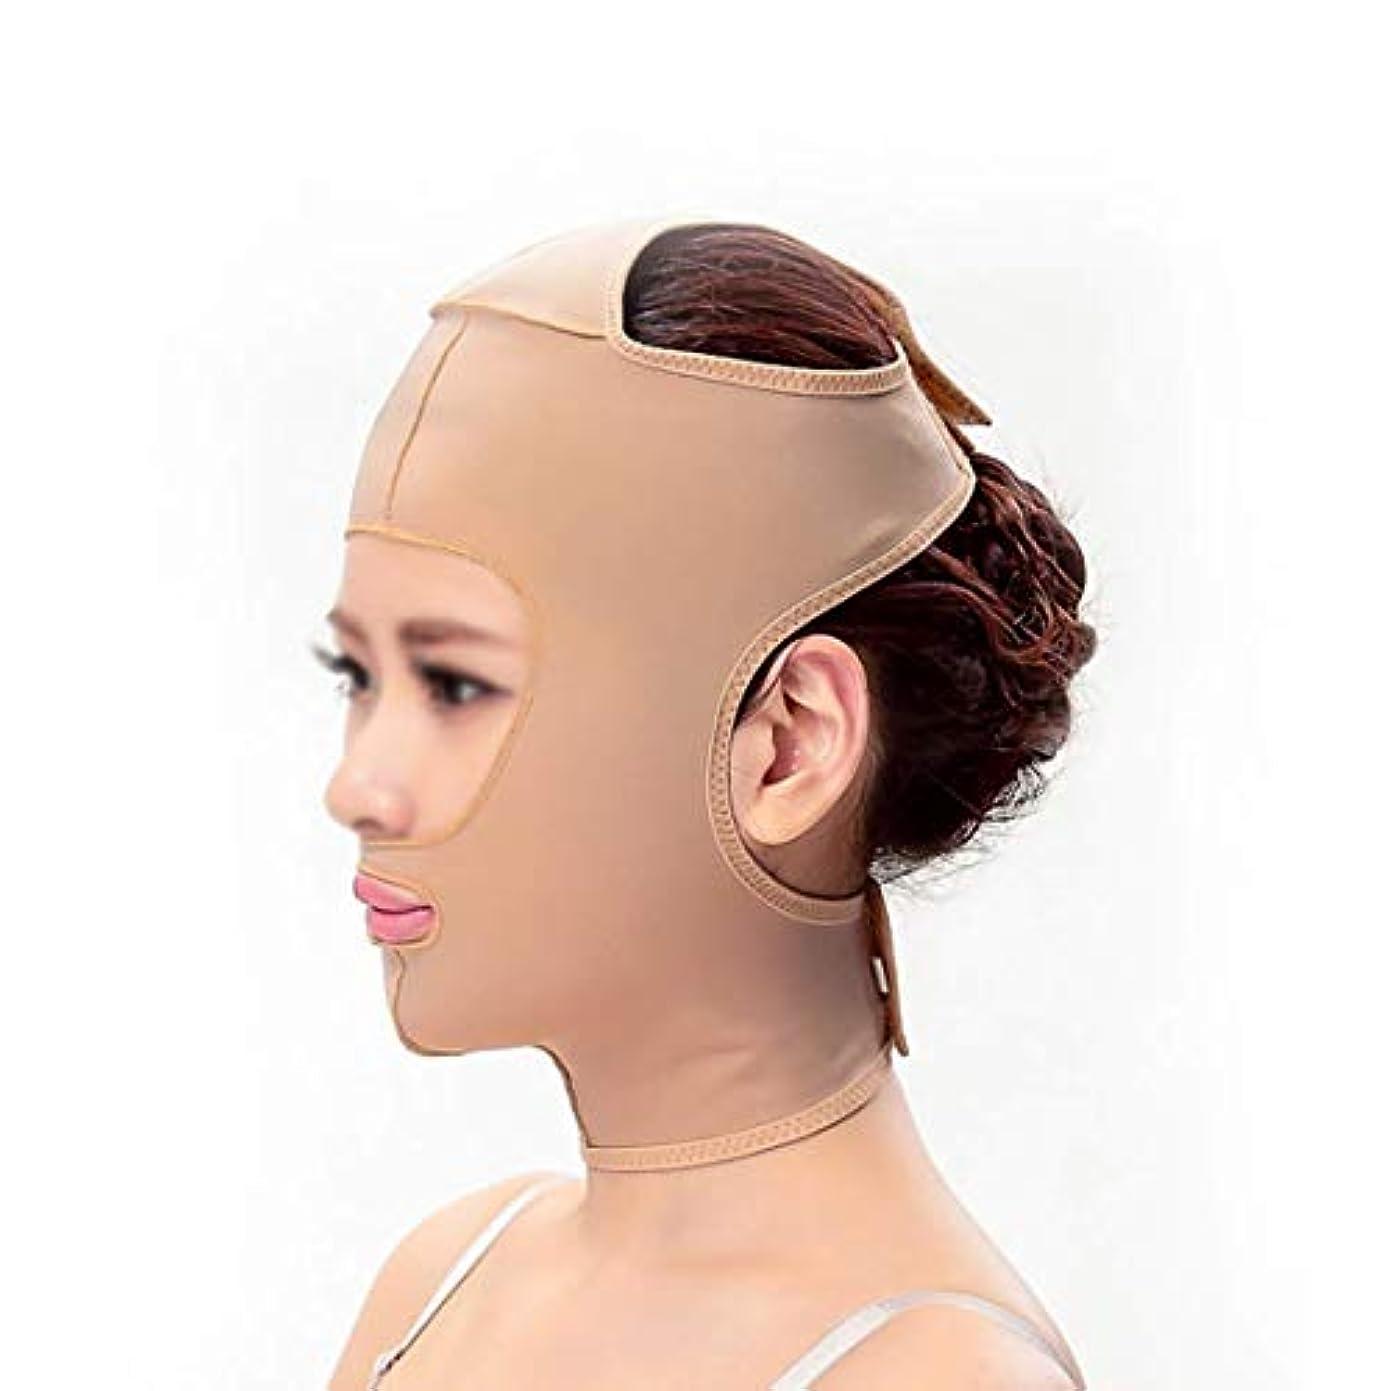 亡命でるパスタスリミングベルト、フェイシャルマスクフェイスマスクフェイスプラスチック顔アーティファクト強力な顔の包帯を引き締めるダブルあごを持ち上げるパターンを布布する(サイズ:Xl)